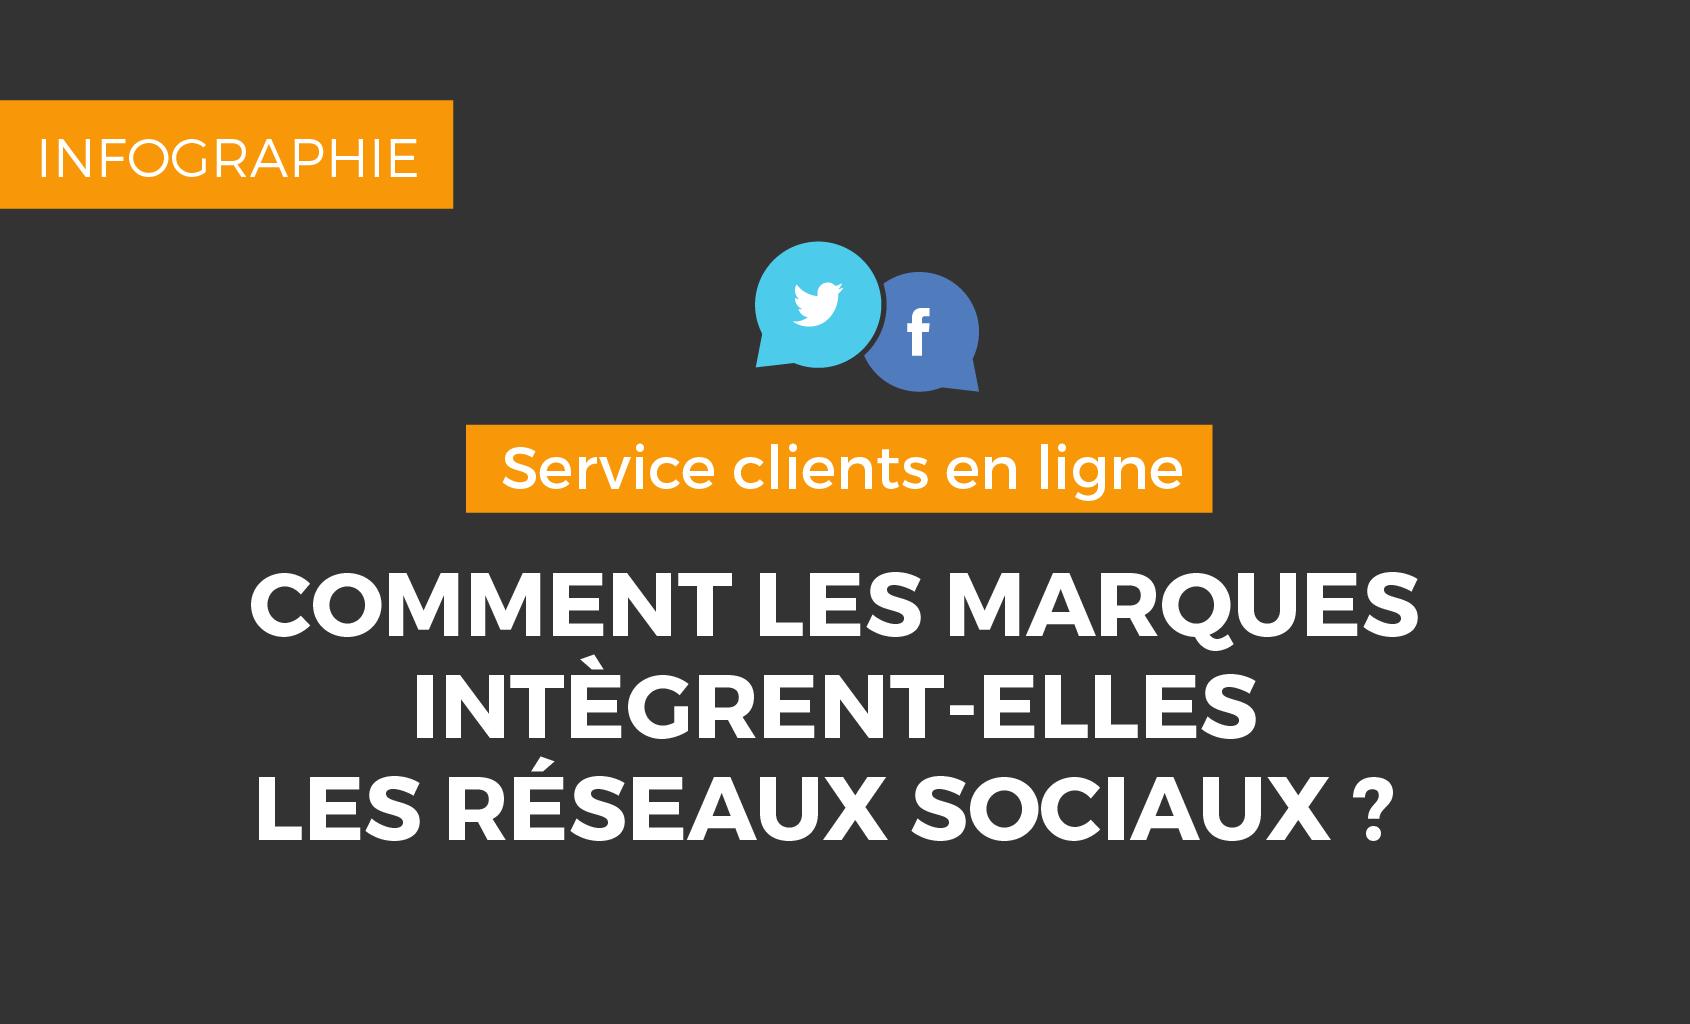 Service Clients : comment les marques intègrent-elles les réseaux sociaux ?